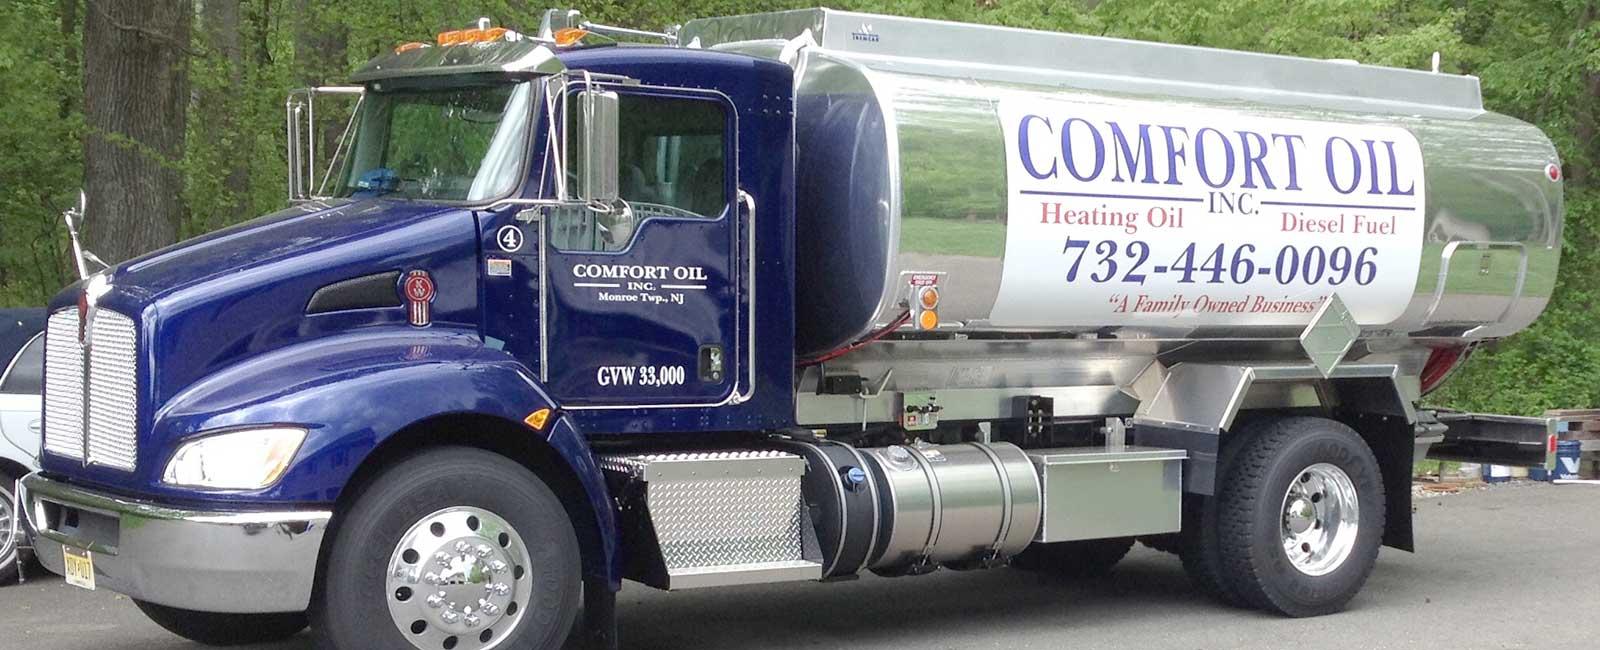 Comfort Oil Inc